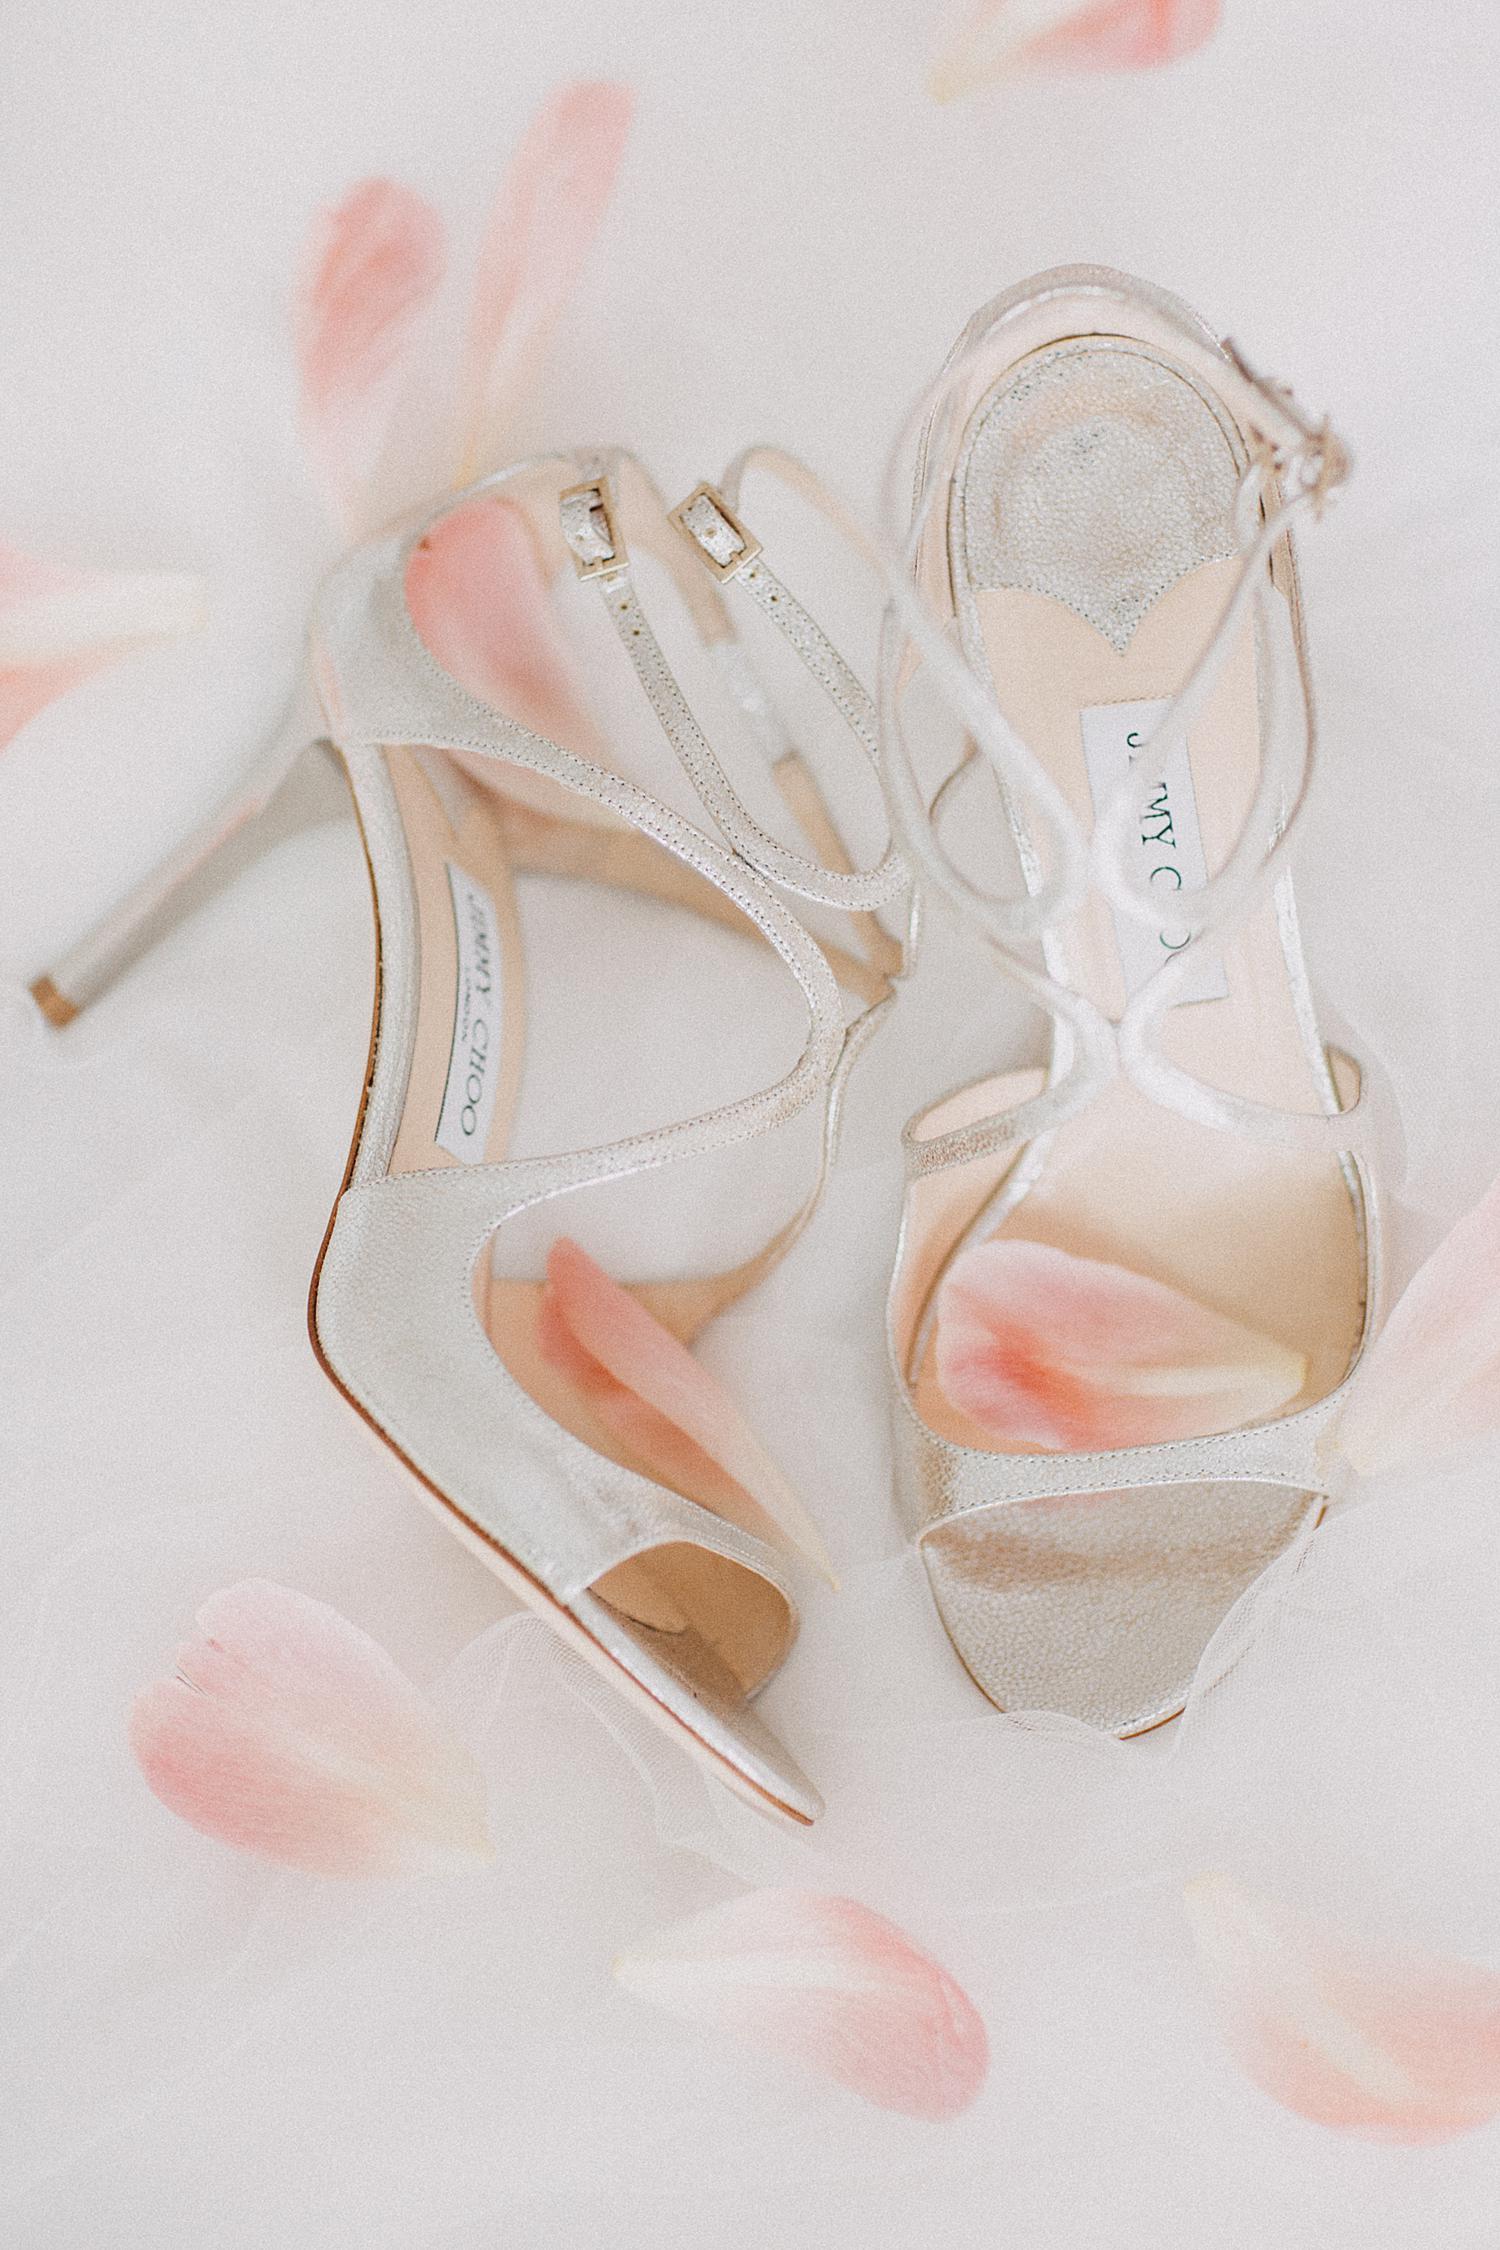 bruidsschoenen met roze pioenrozen blaadjes